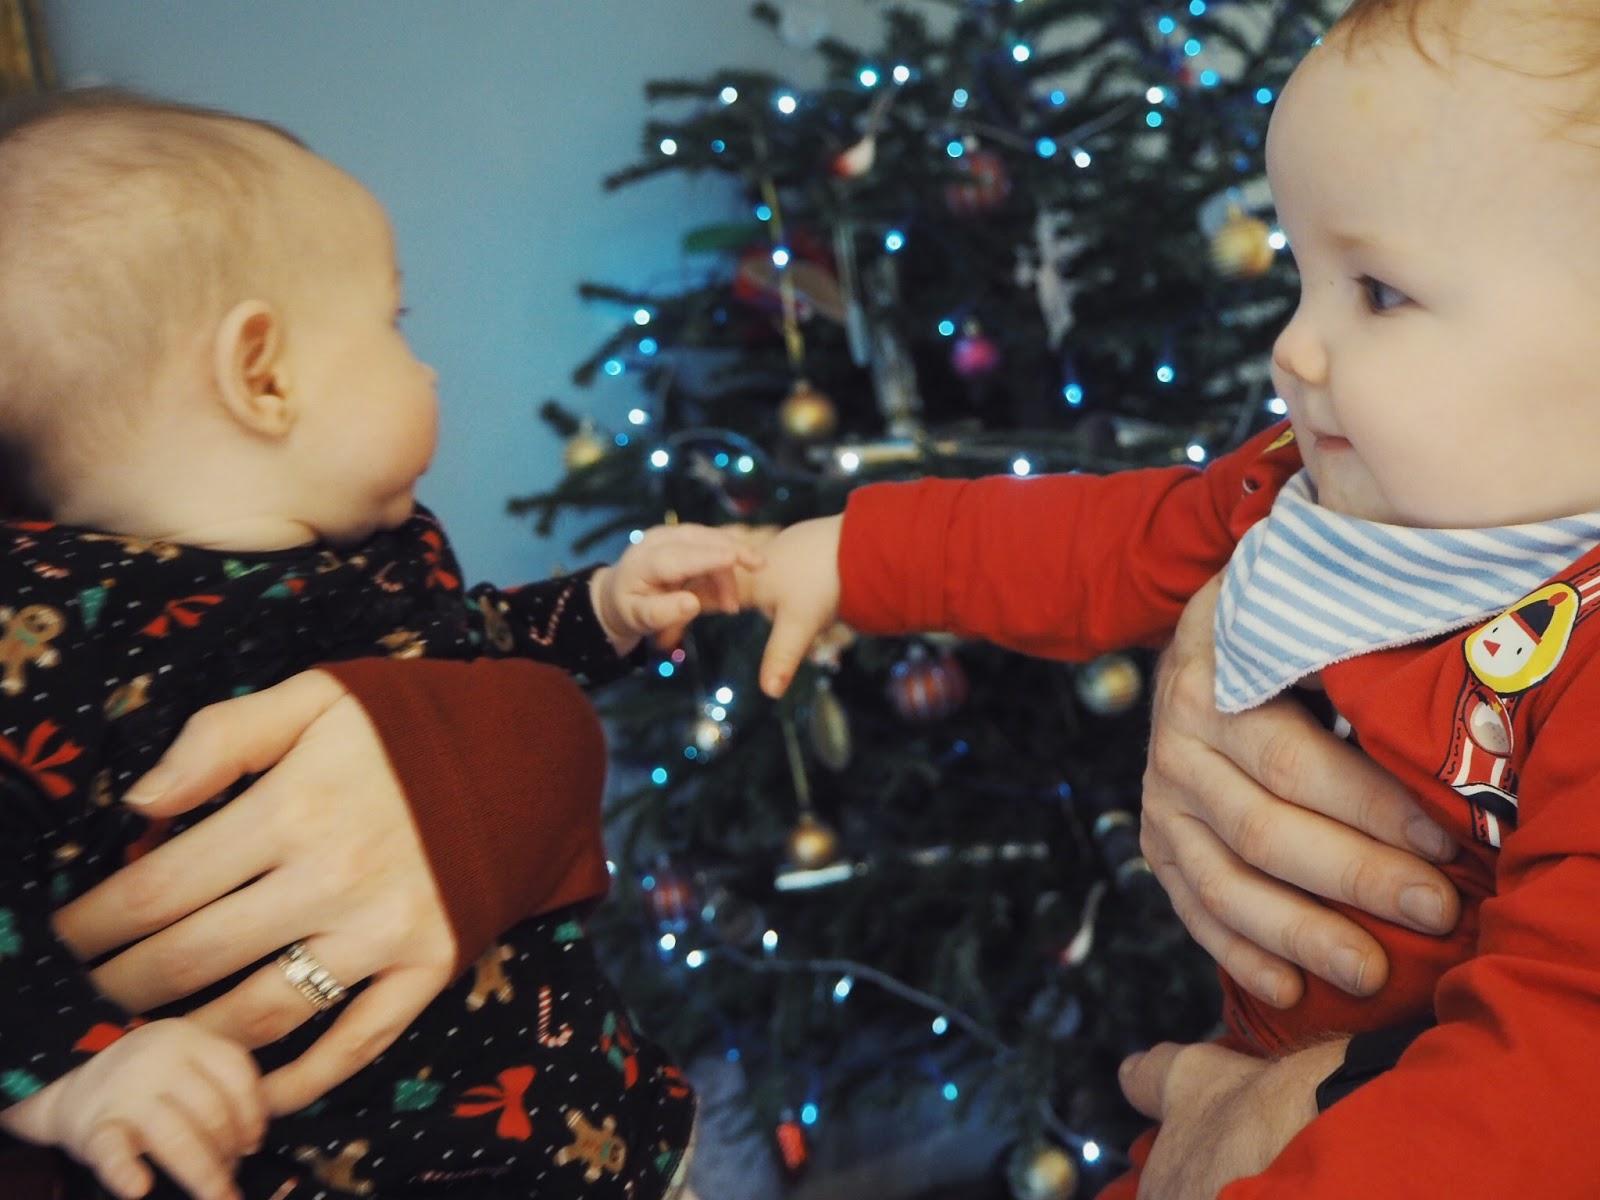 TYLER IS 11 MONTHS OLD   Love, Maisie   www.lovemaisie.com